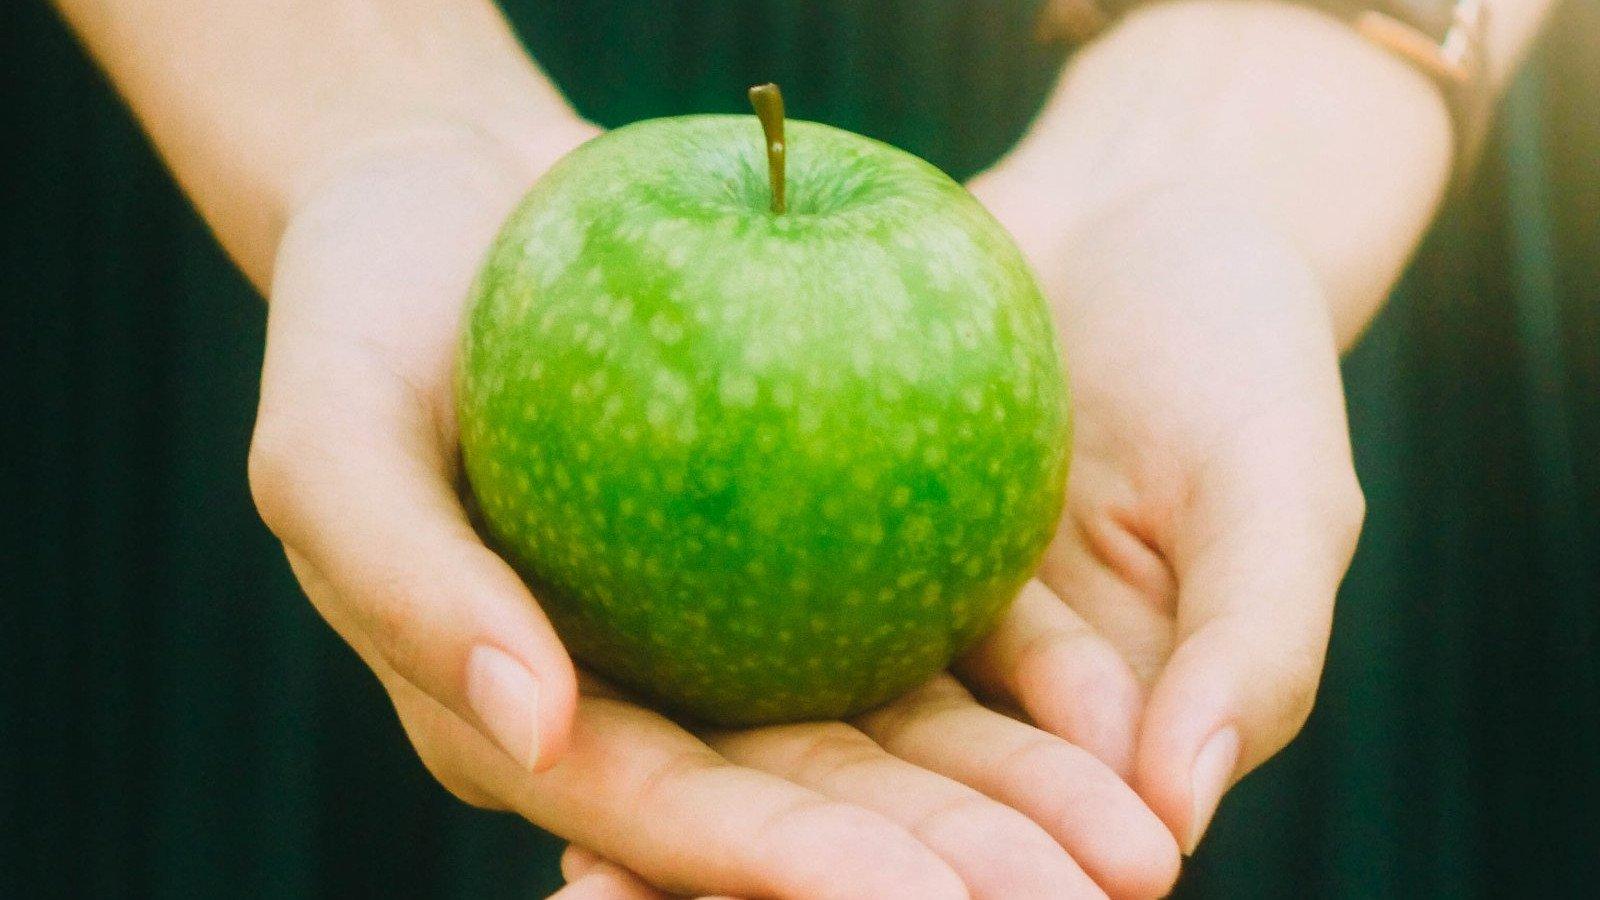 La manzana es una de las frutas más saludables que podemos consumir a diario.